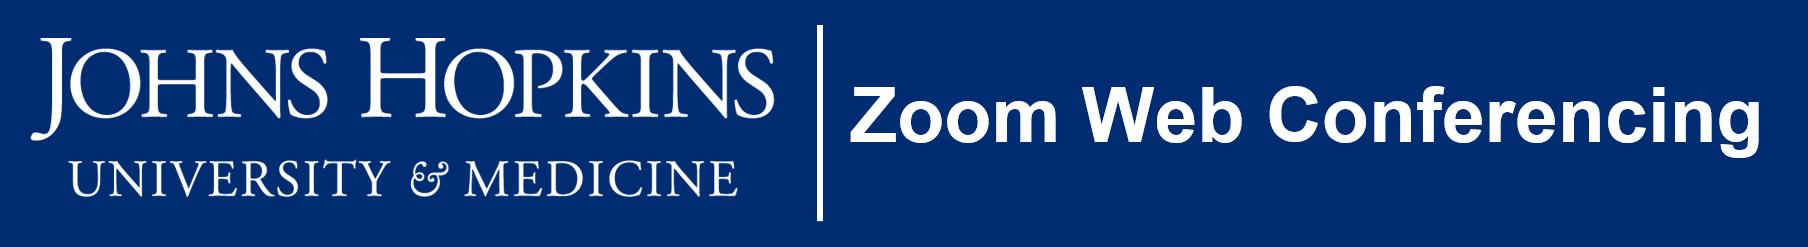 Johns Hopkins Enterprise Logo